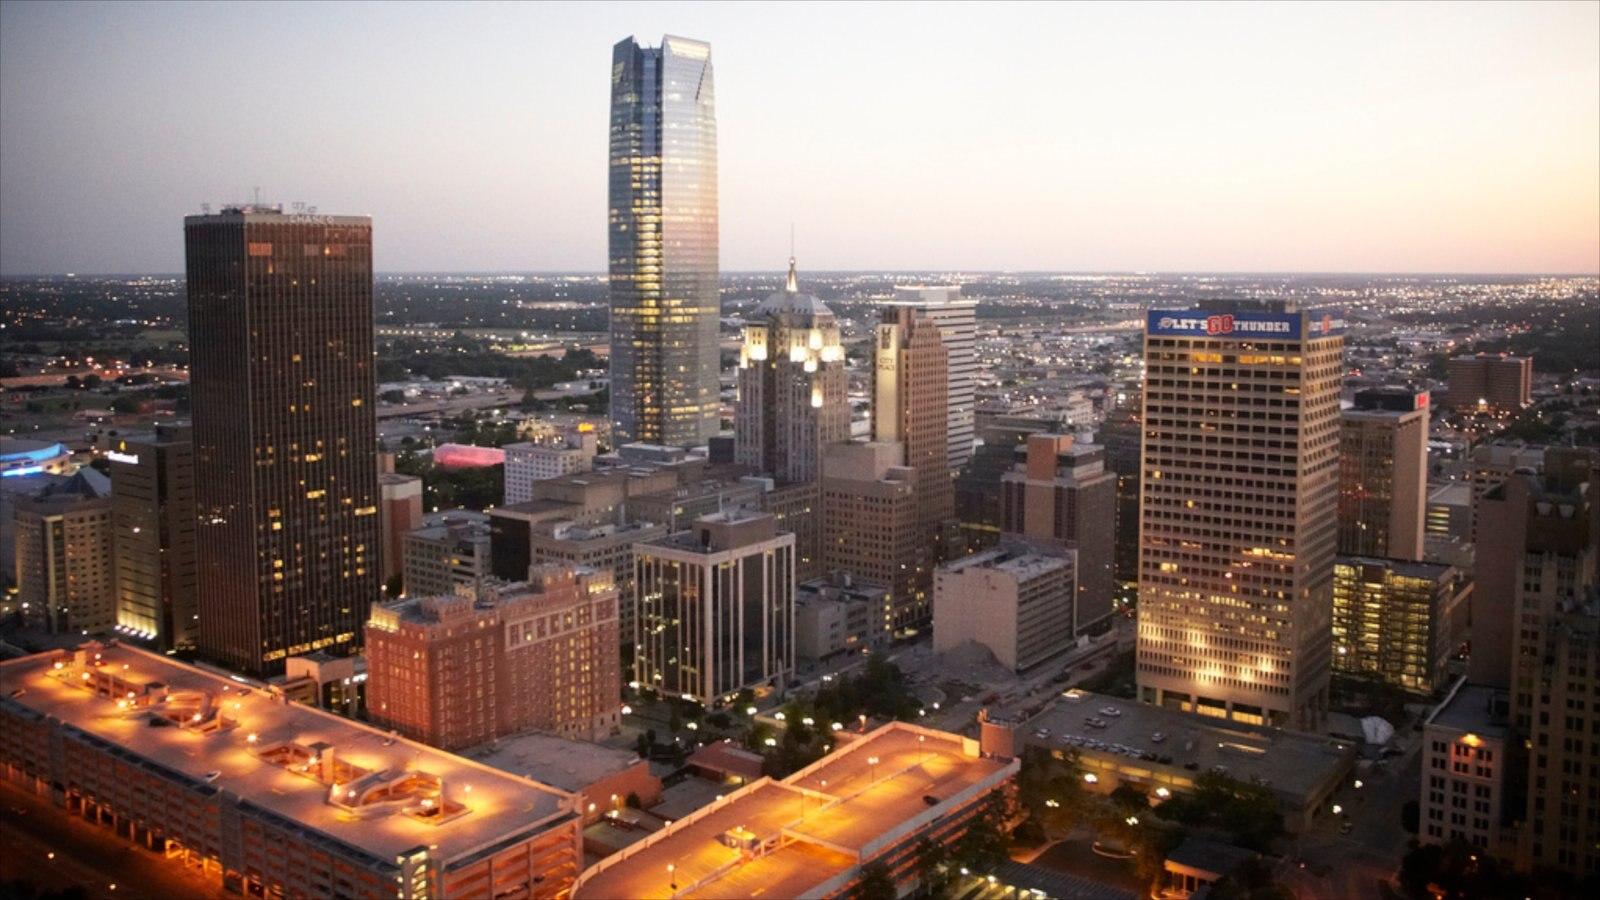 Oklahoma City que incluye un rascacielos, una ciudad y arquitectura moderna